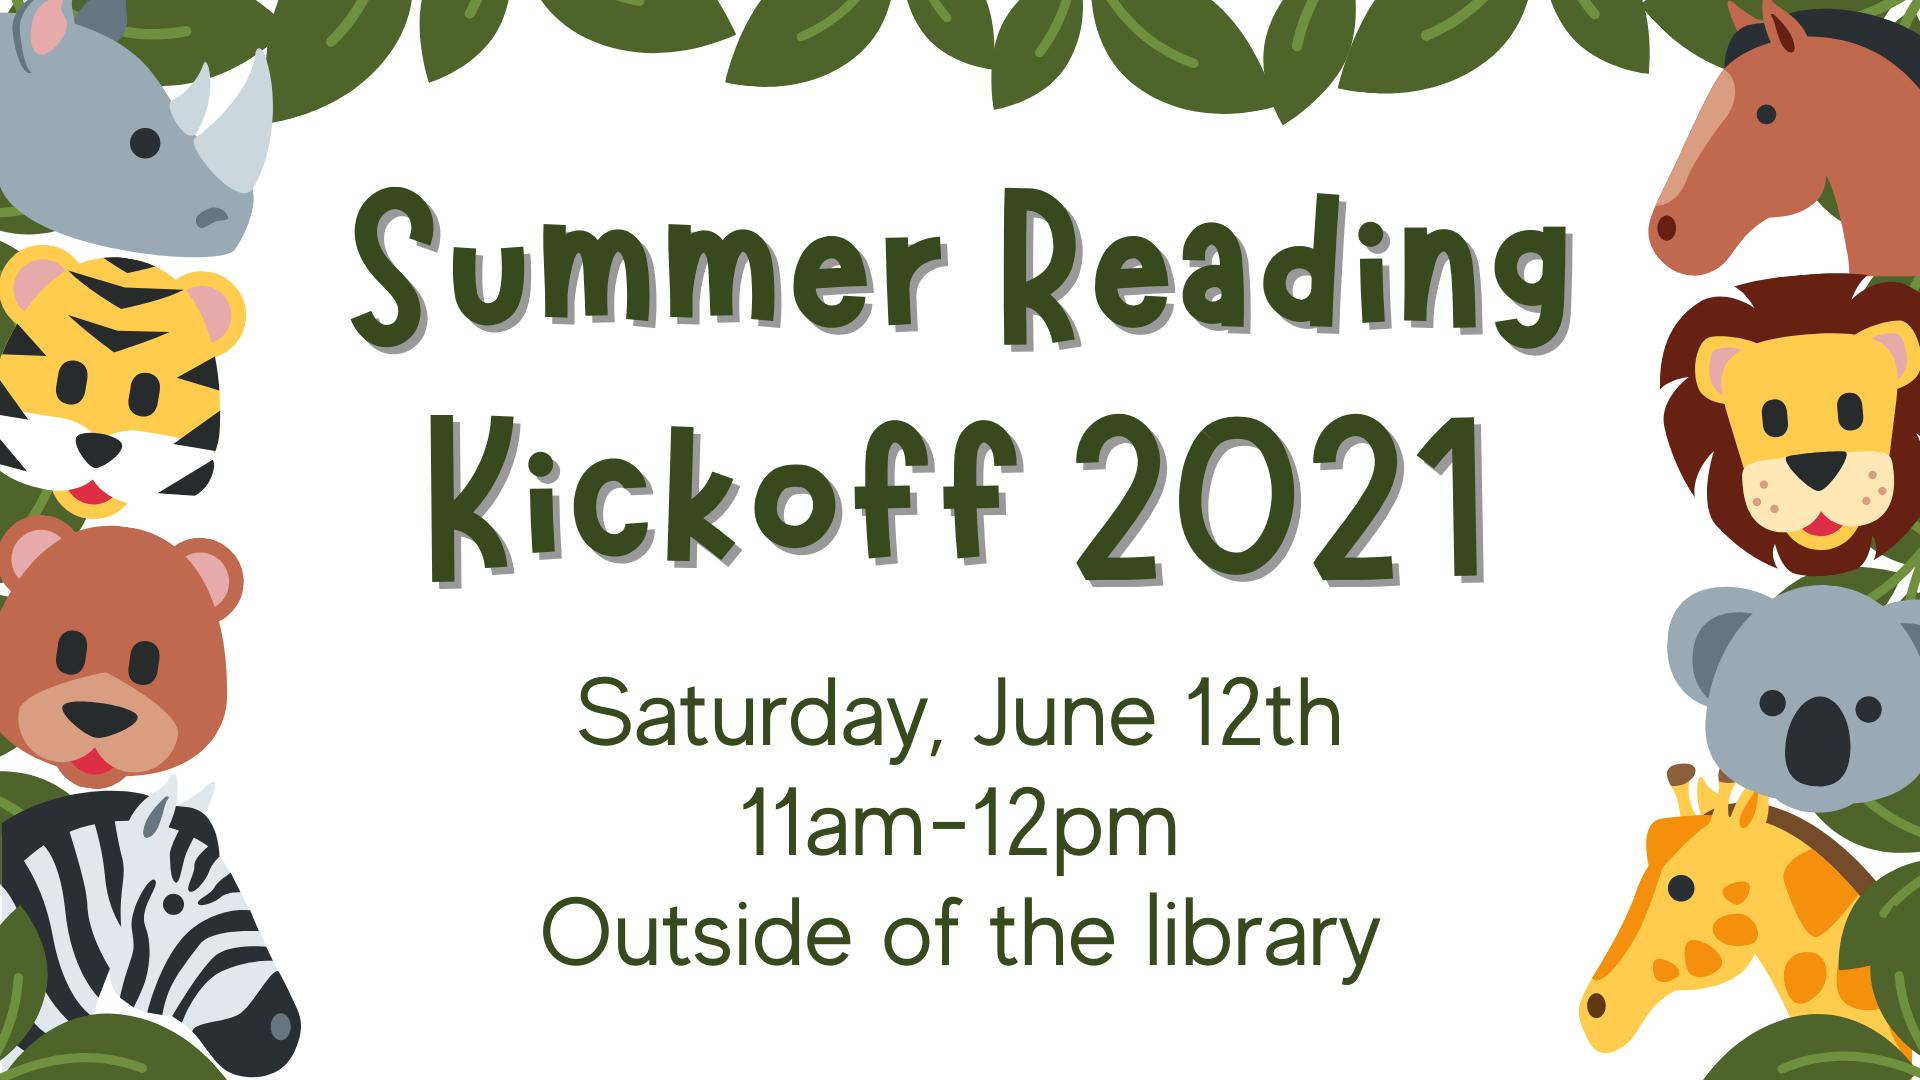 Summer Reading Kickoff!